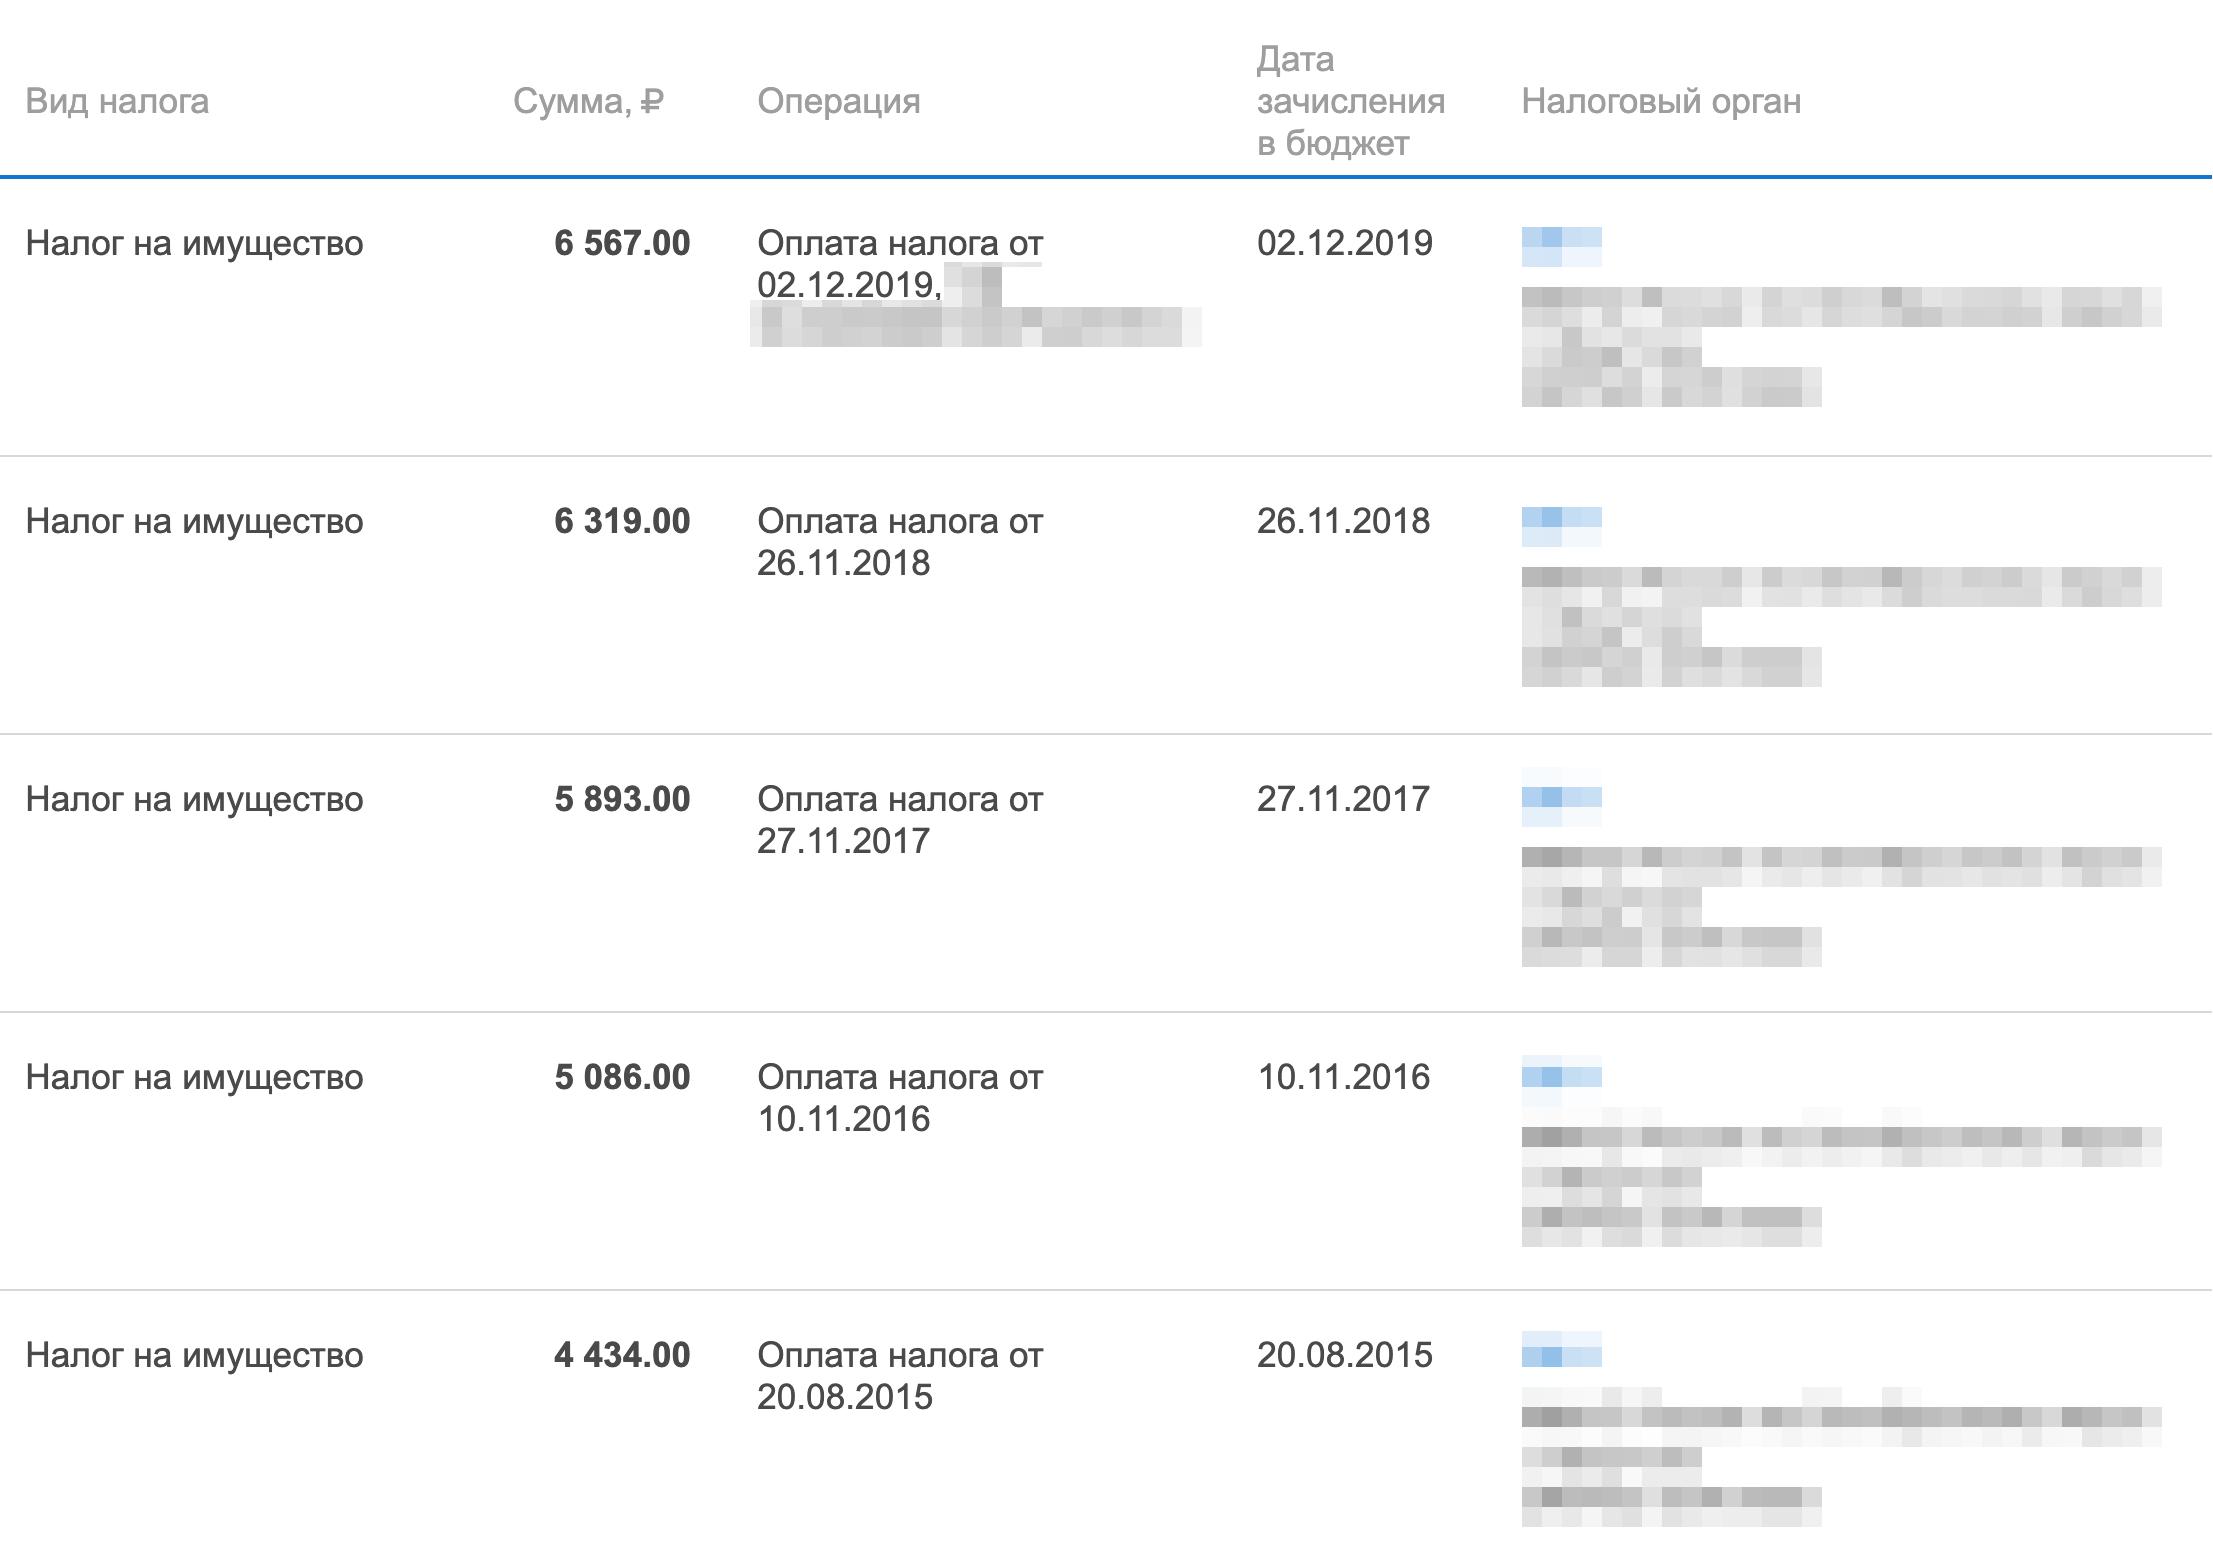 В личном кабинете налогоплательщика можно посмотреть, сколько я платил за квартиру в 2014—2018 годах: в среднем от 4500<span class=ruble>Р</span> до 6600<span class=ruble>Р</span>